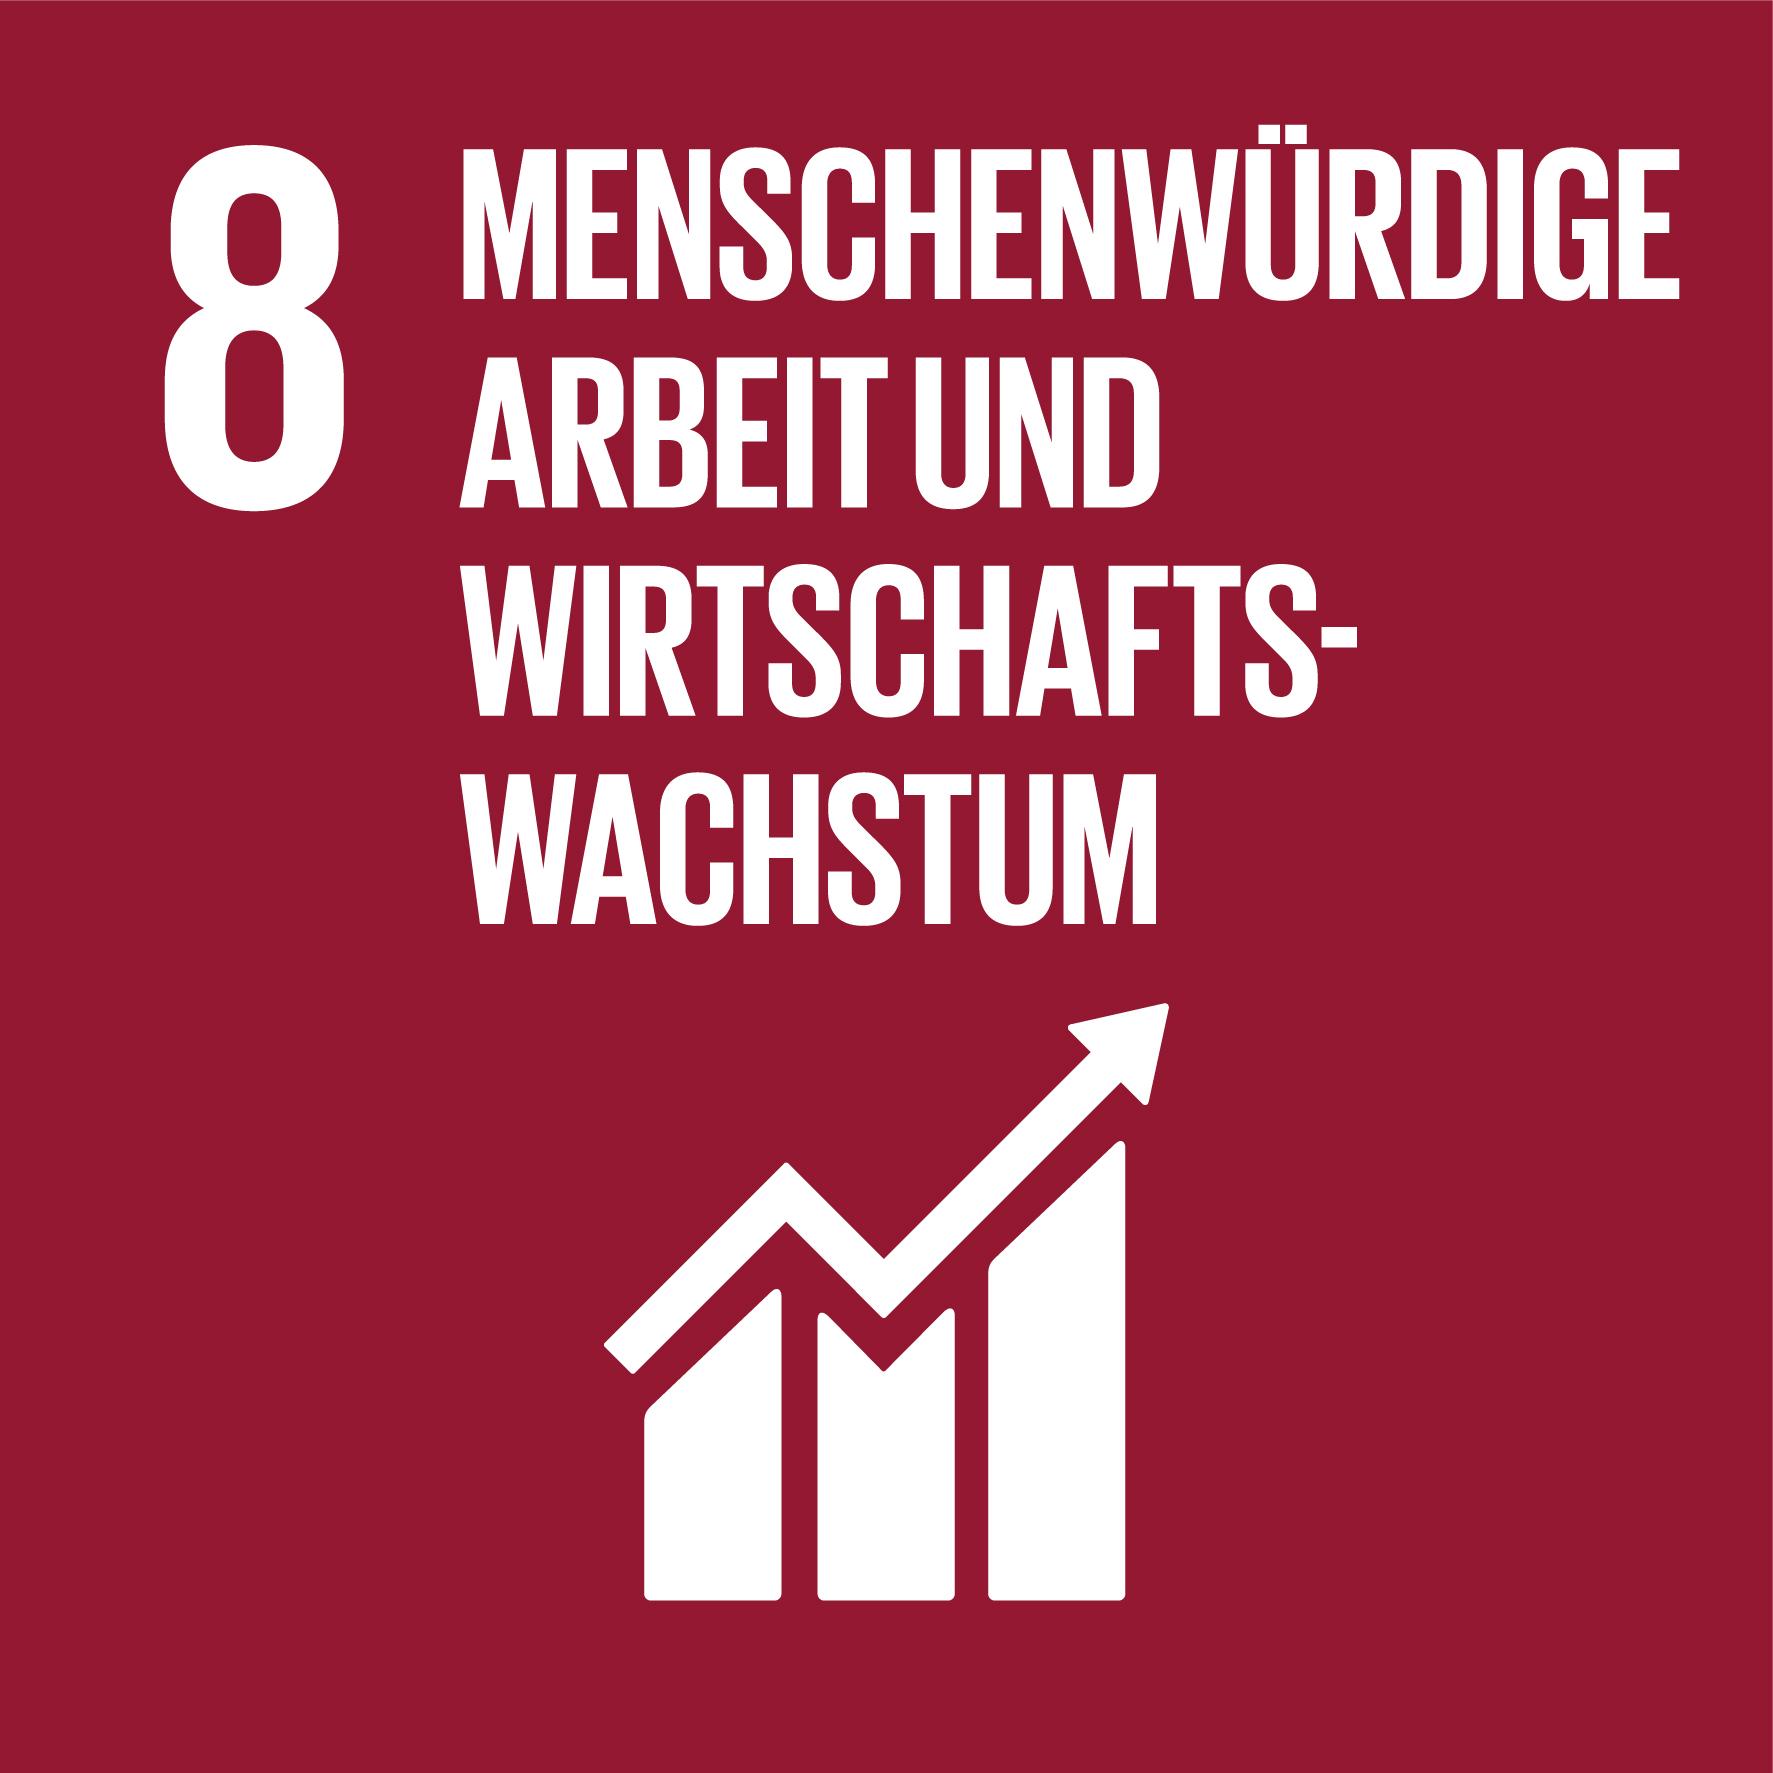 SDG 8 - Menschenwürdige Arbeit und Wirtschaftswachstum